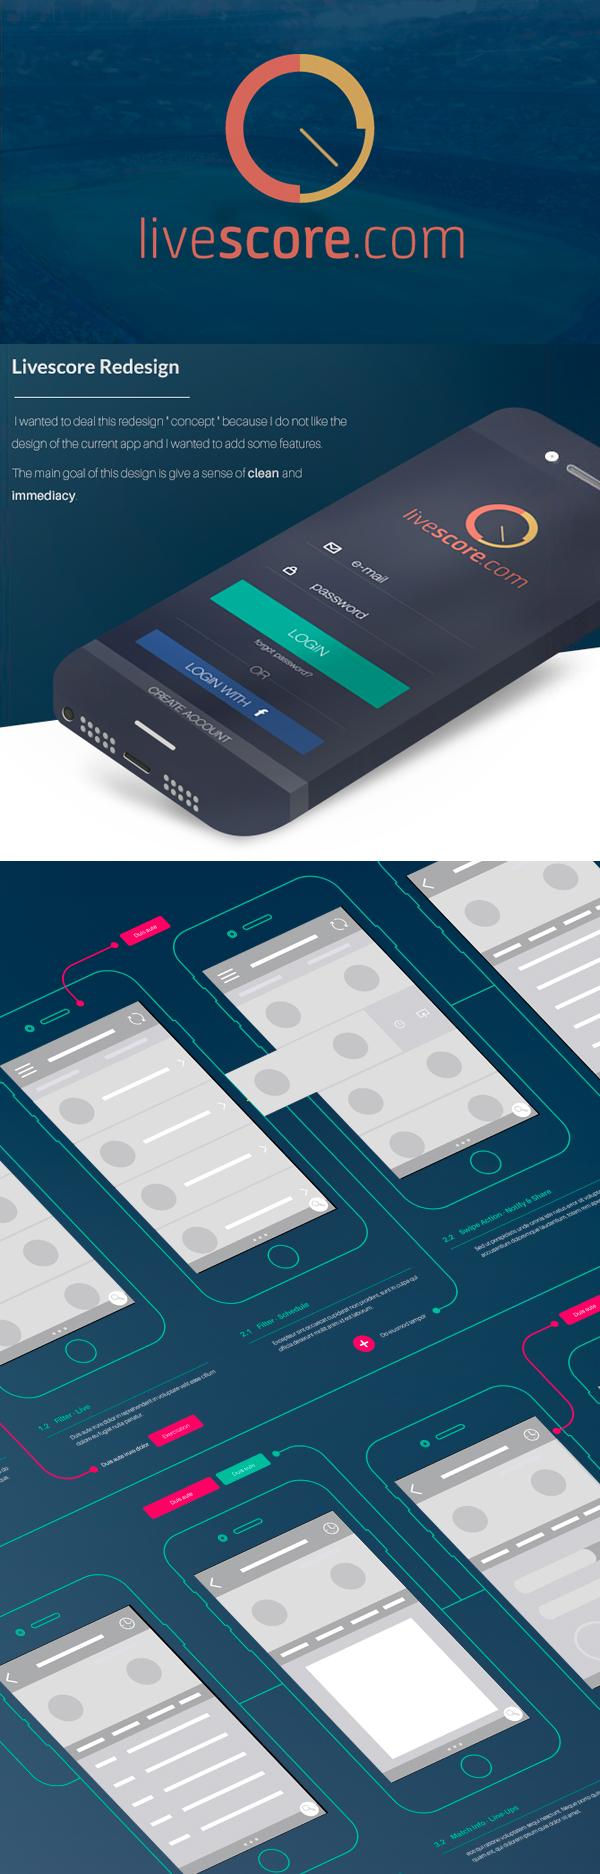 Livescore - Redesign IOS Concept - Free PSD